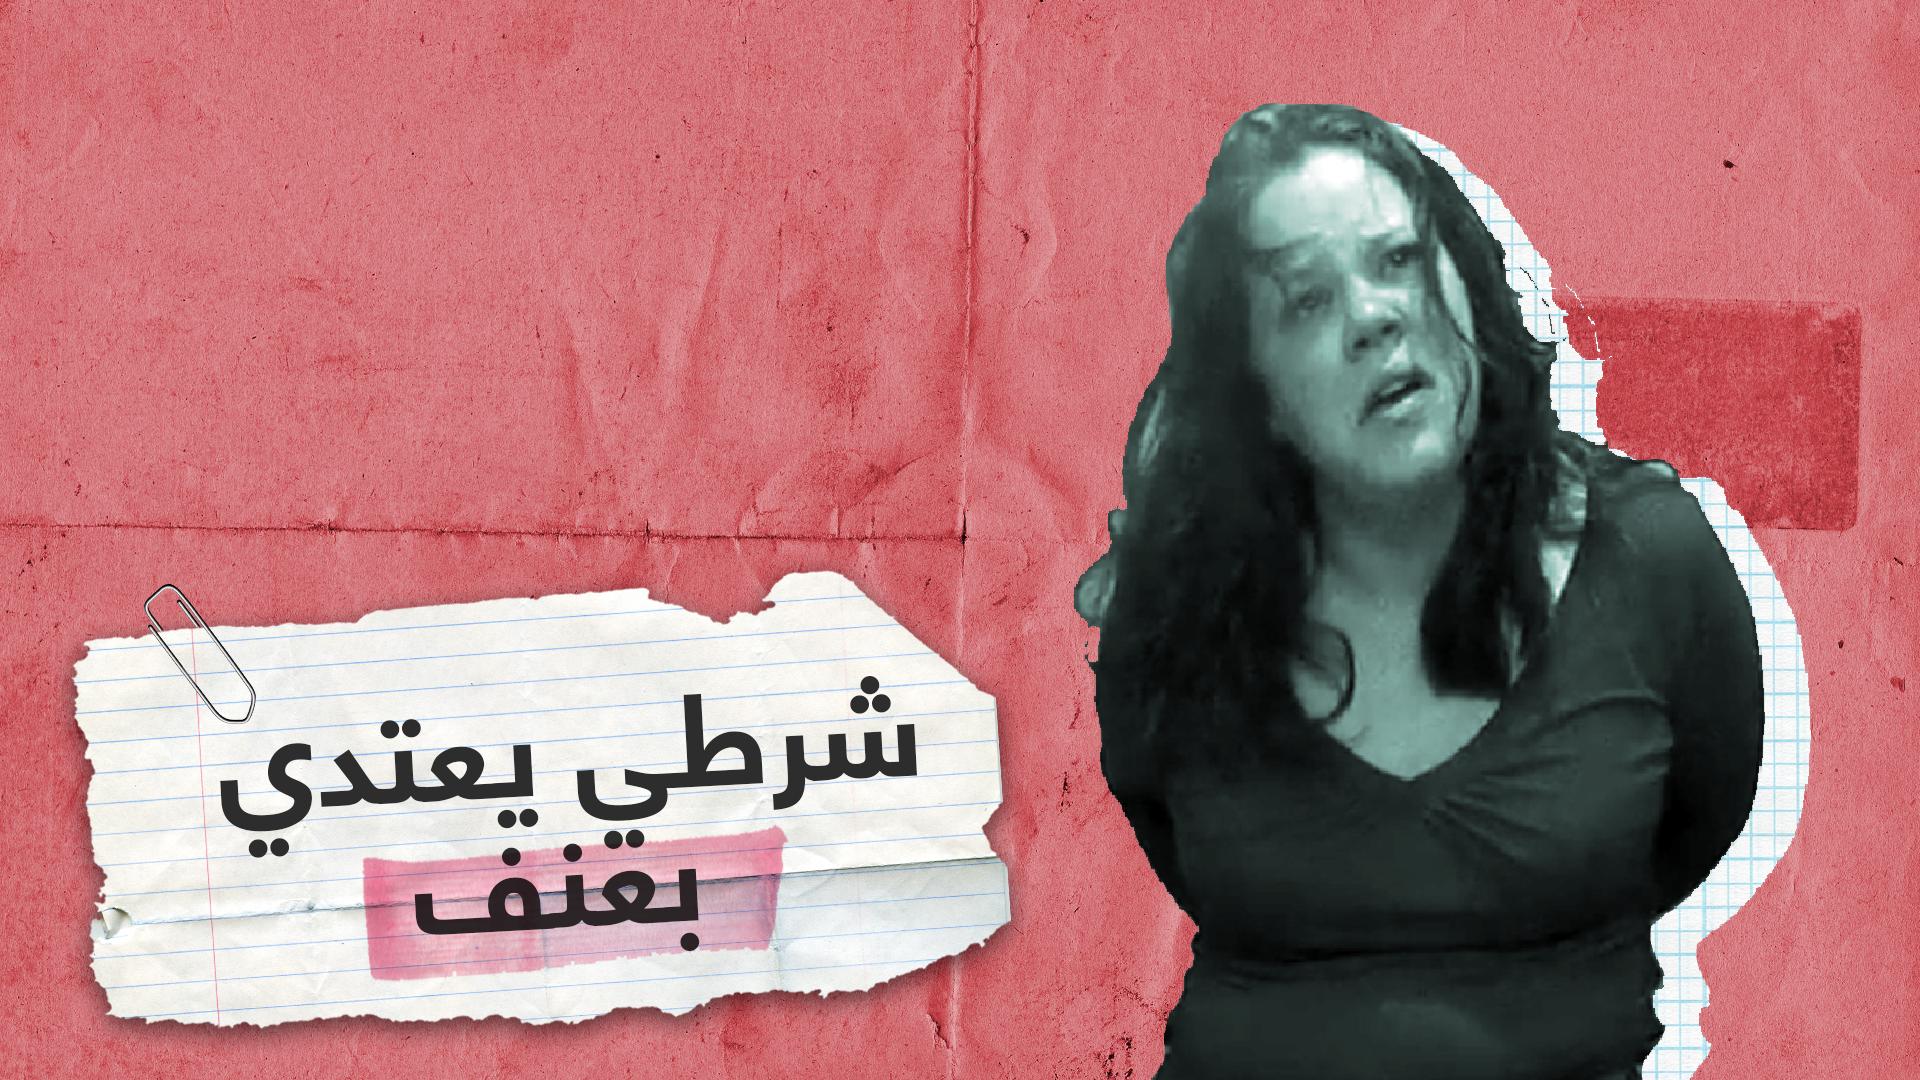 اعتداء عنيف لشرطي أمريكي على امرأة مخمورة